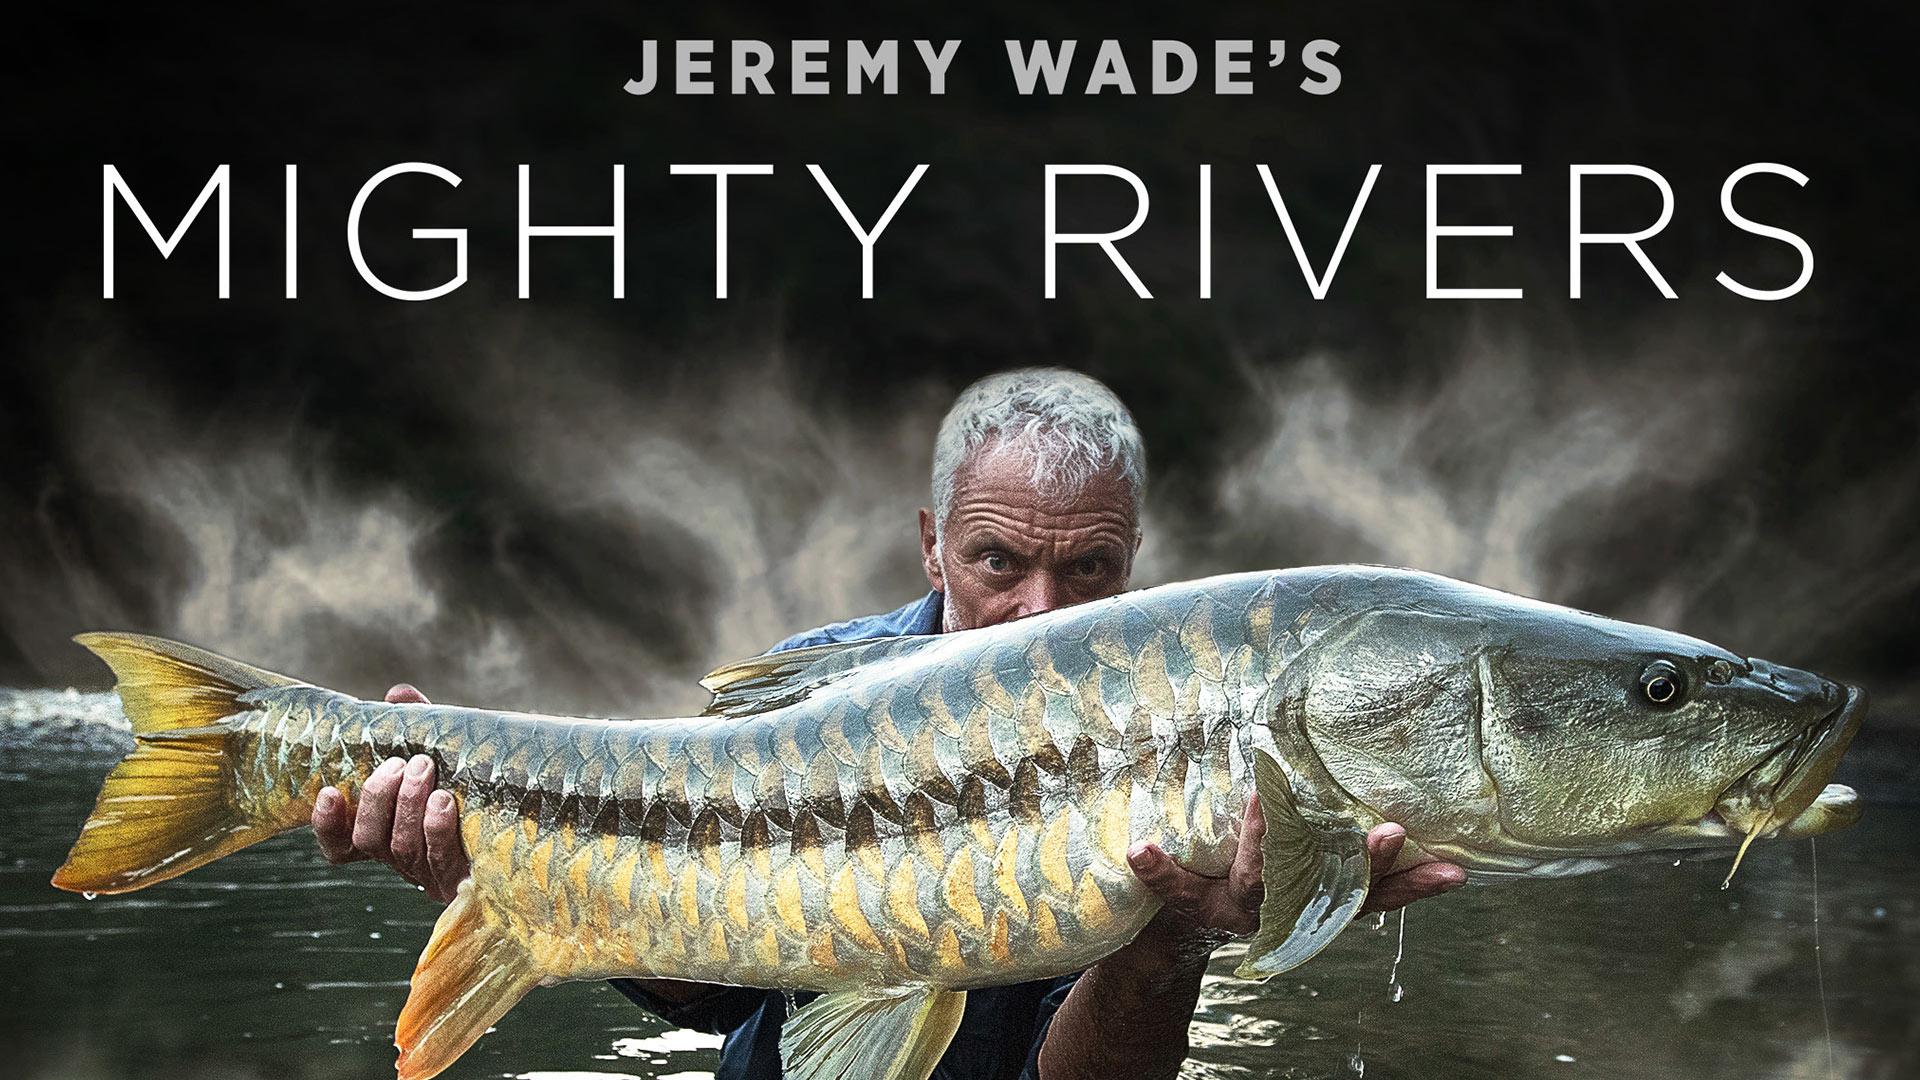 dark waters jeremy wade